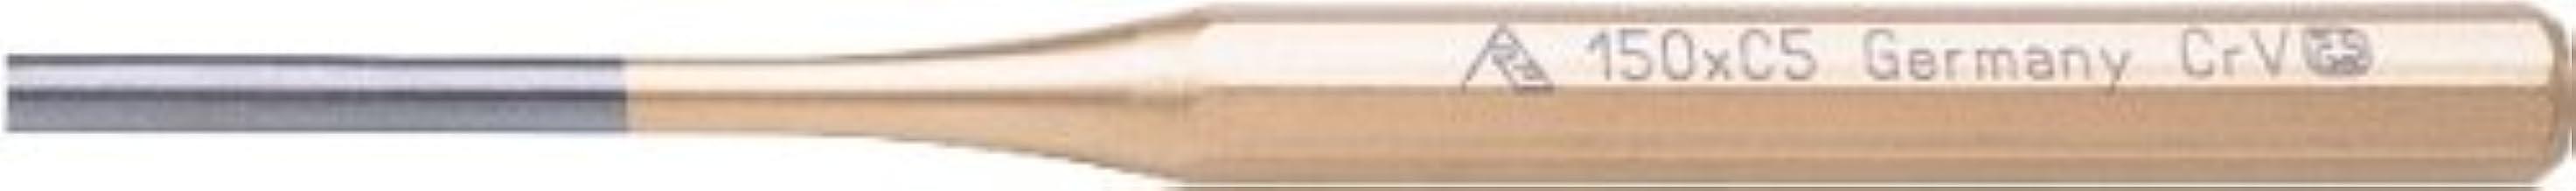 Rennsteig Splintentreiber 150X10X6 4500060 Sb